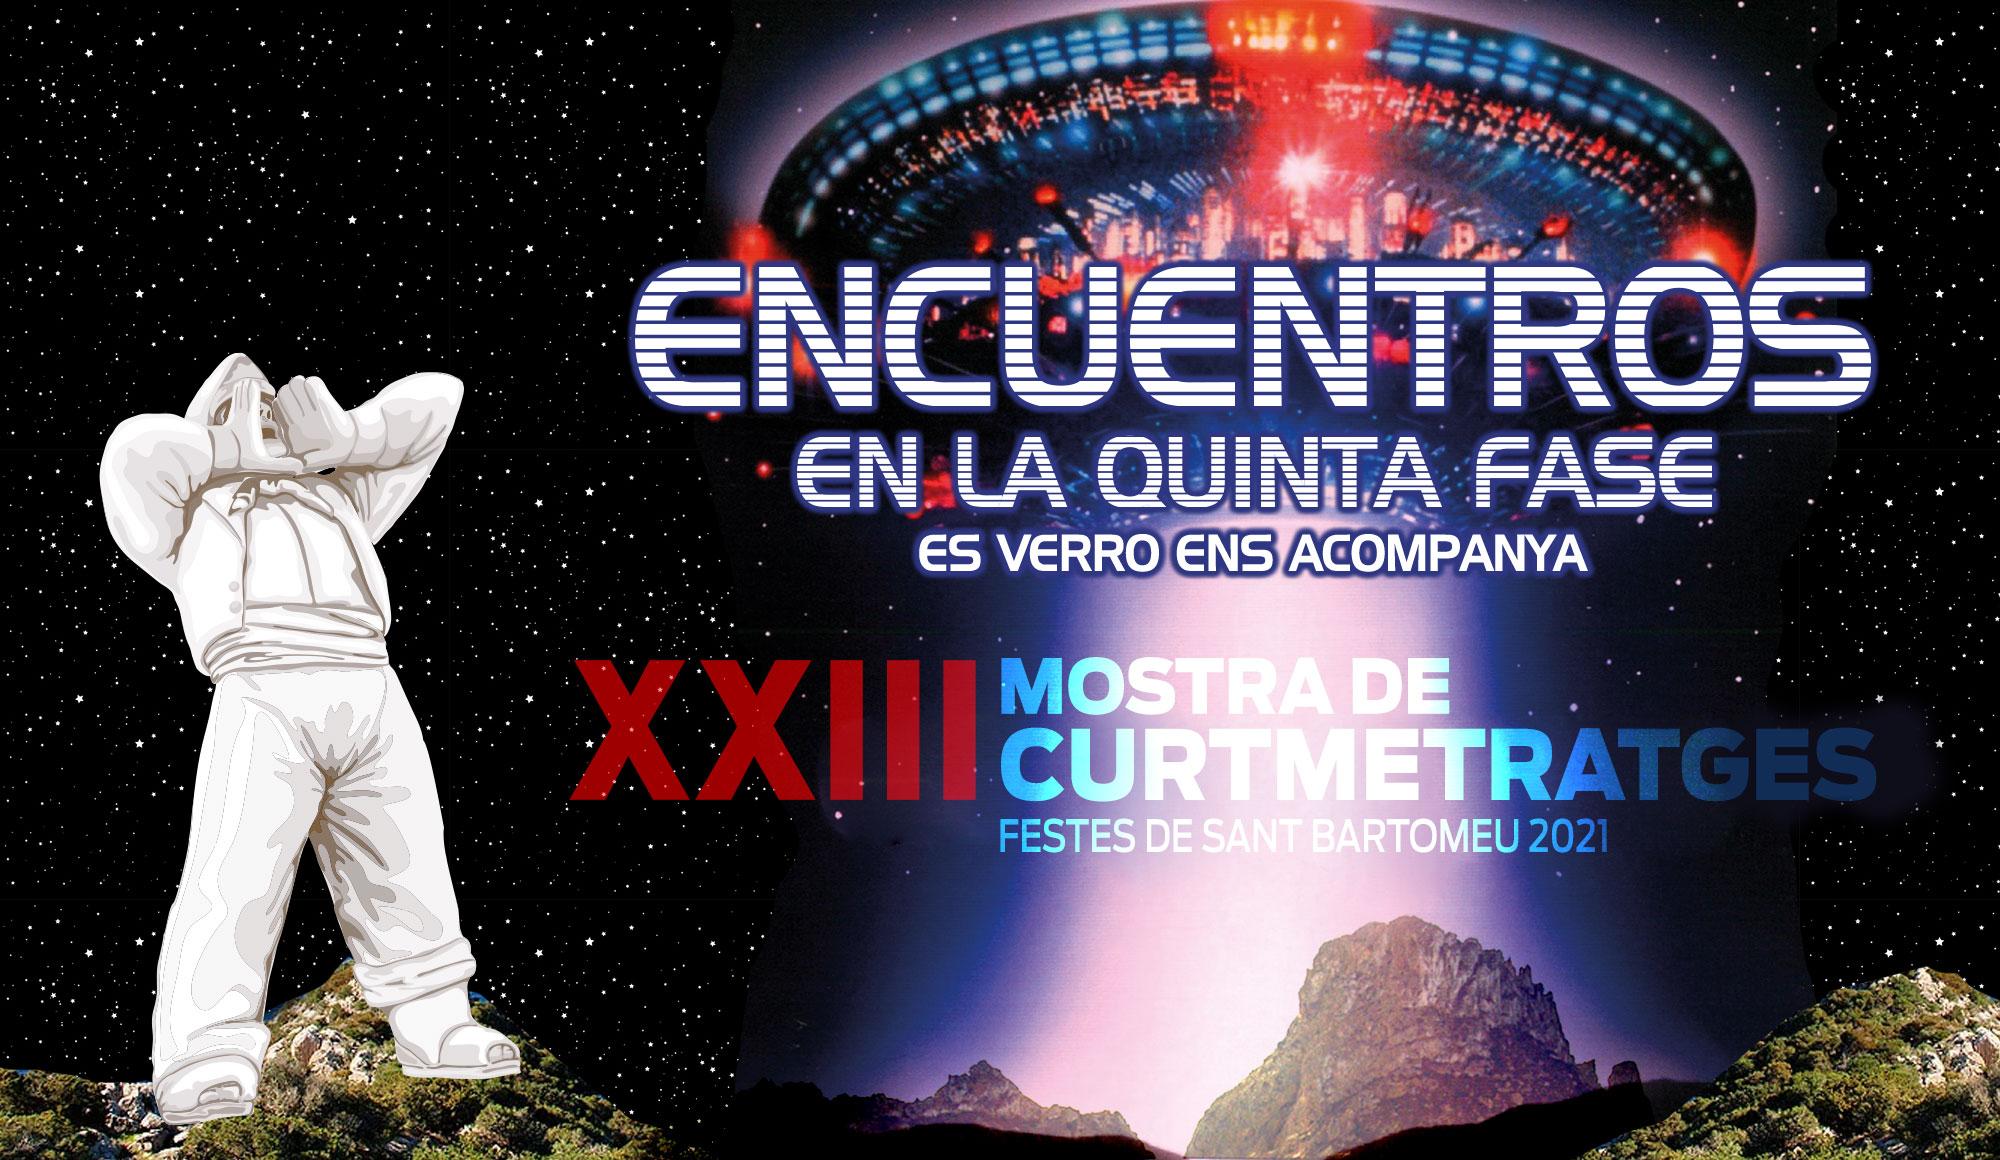 XXIII mostra 2021